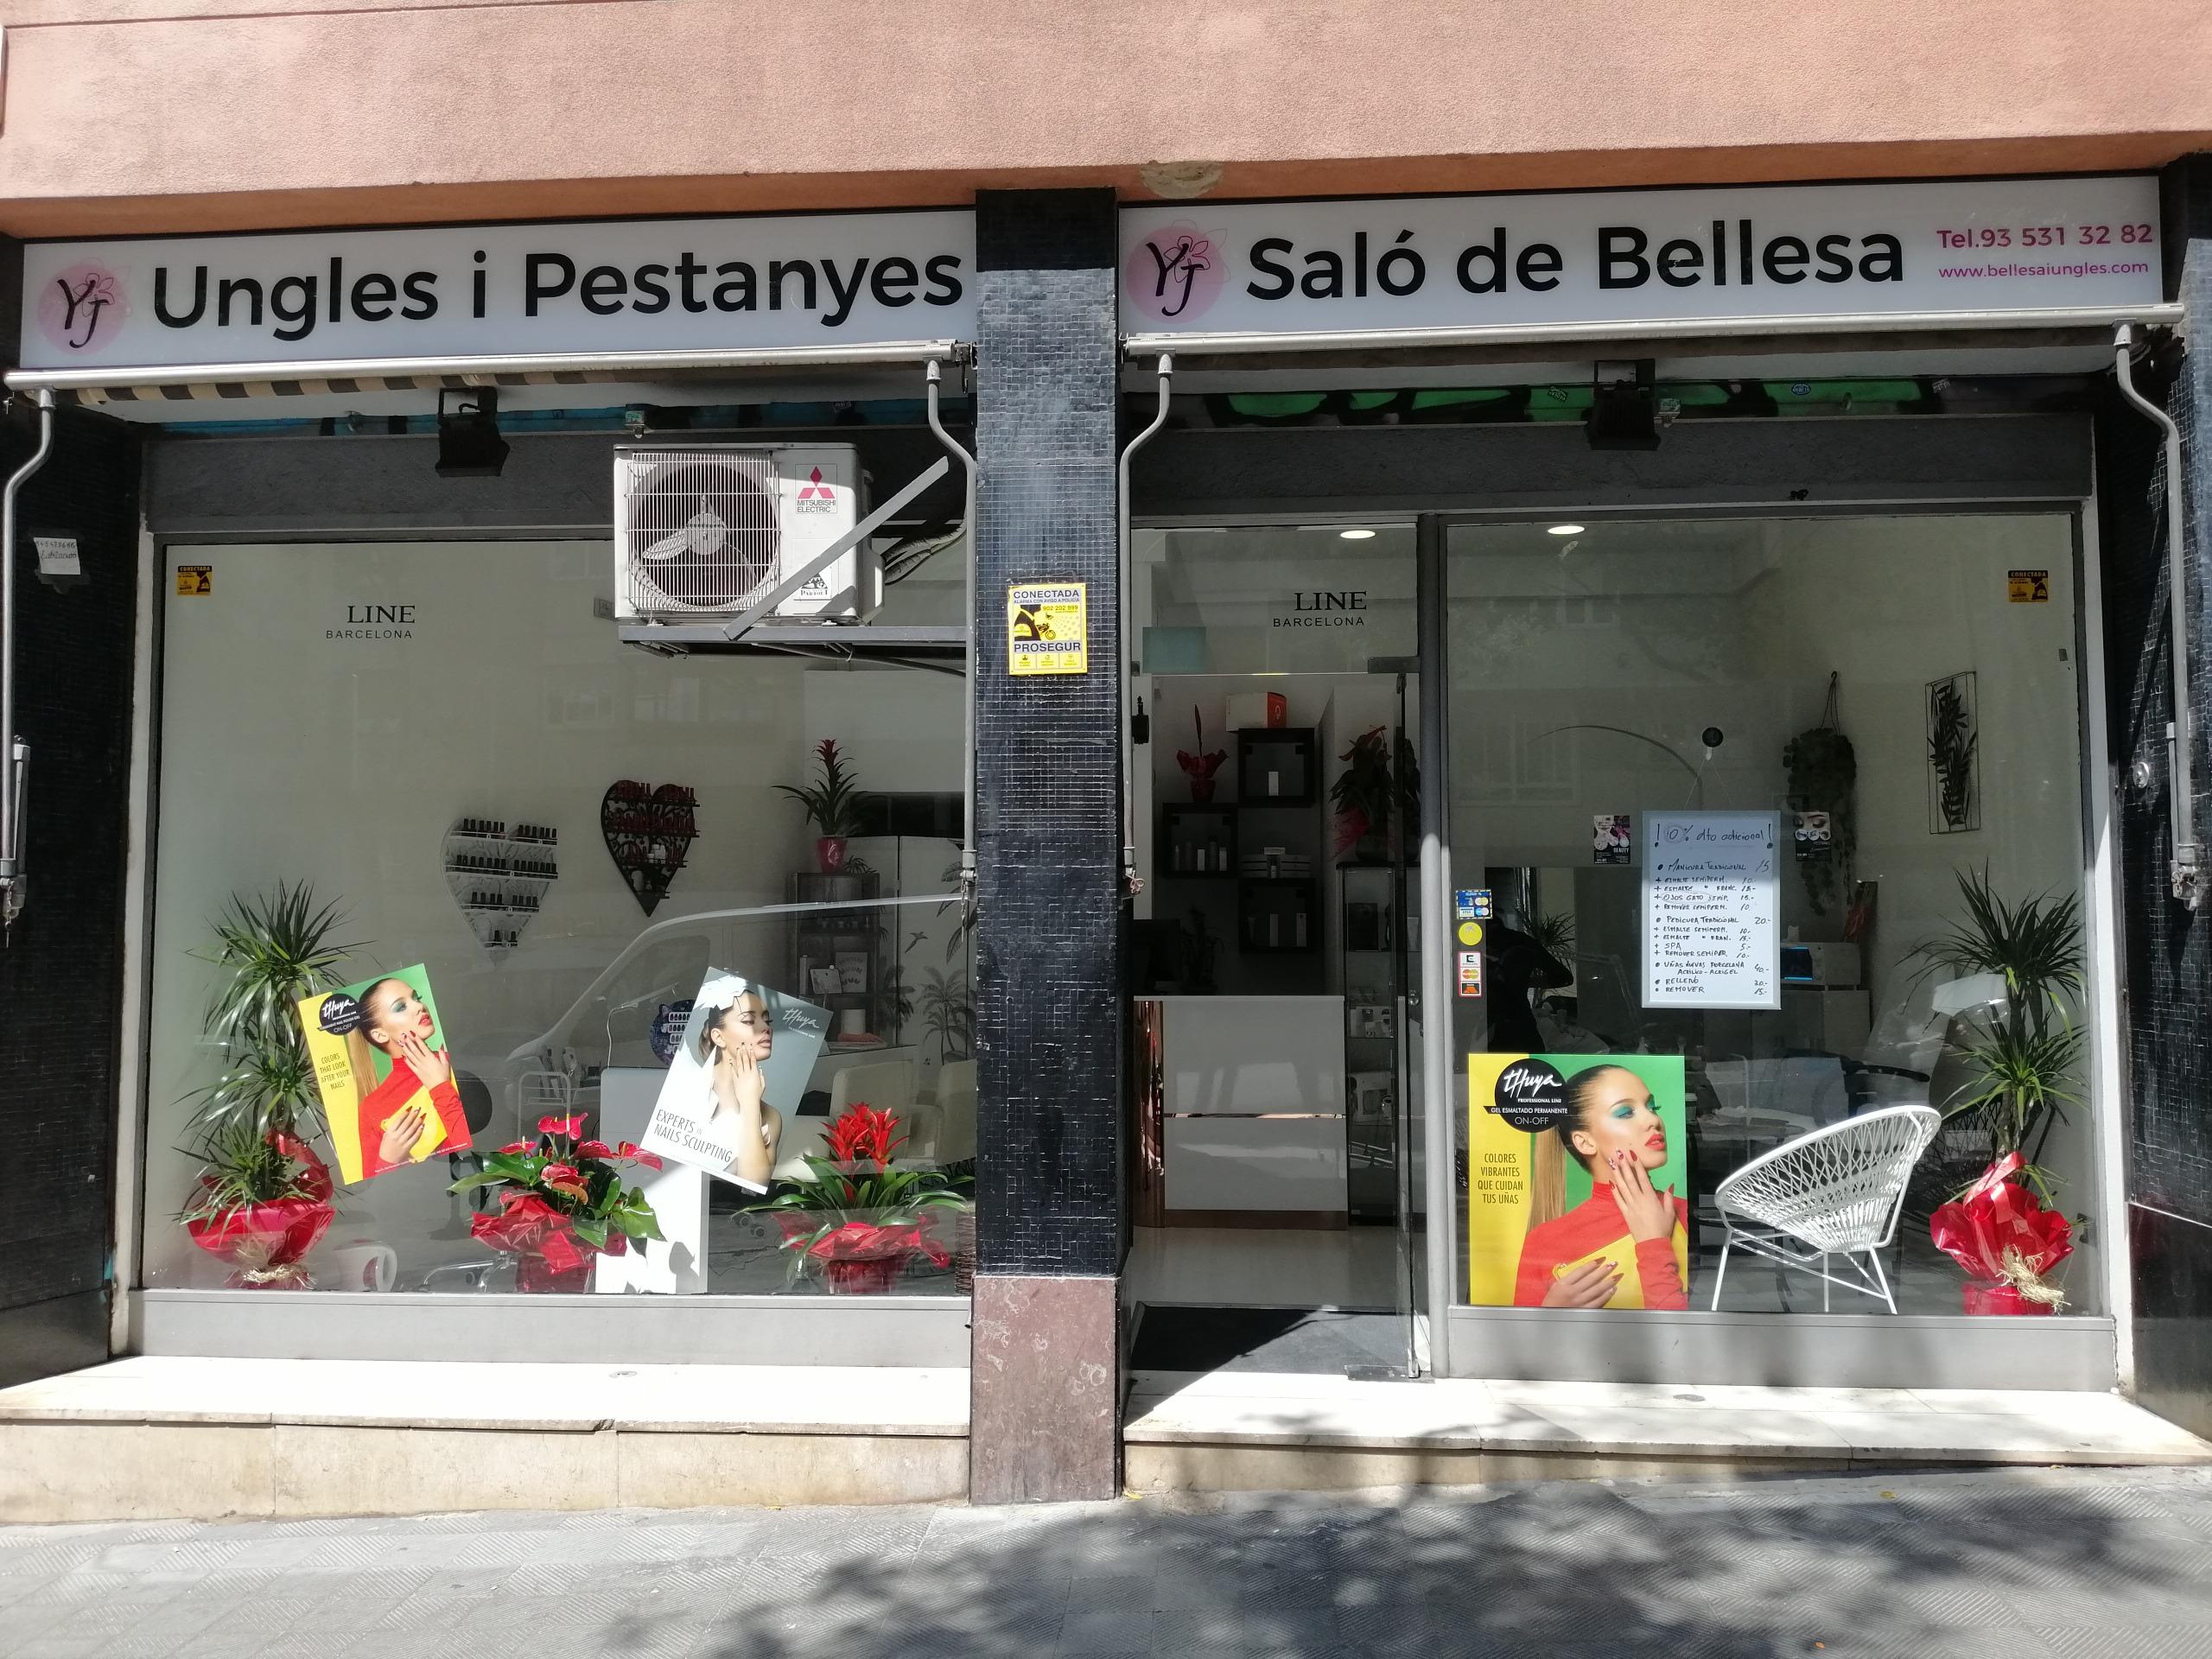 Instalaciones de Bellesa i ungles